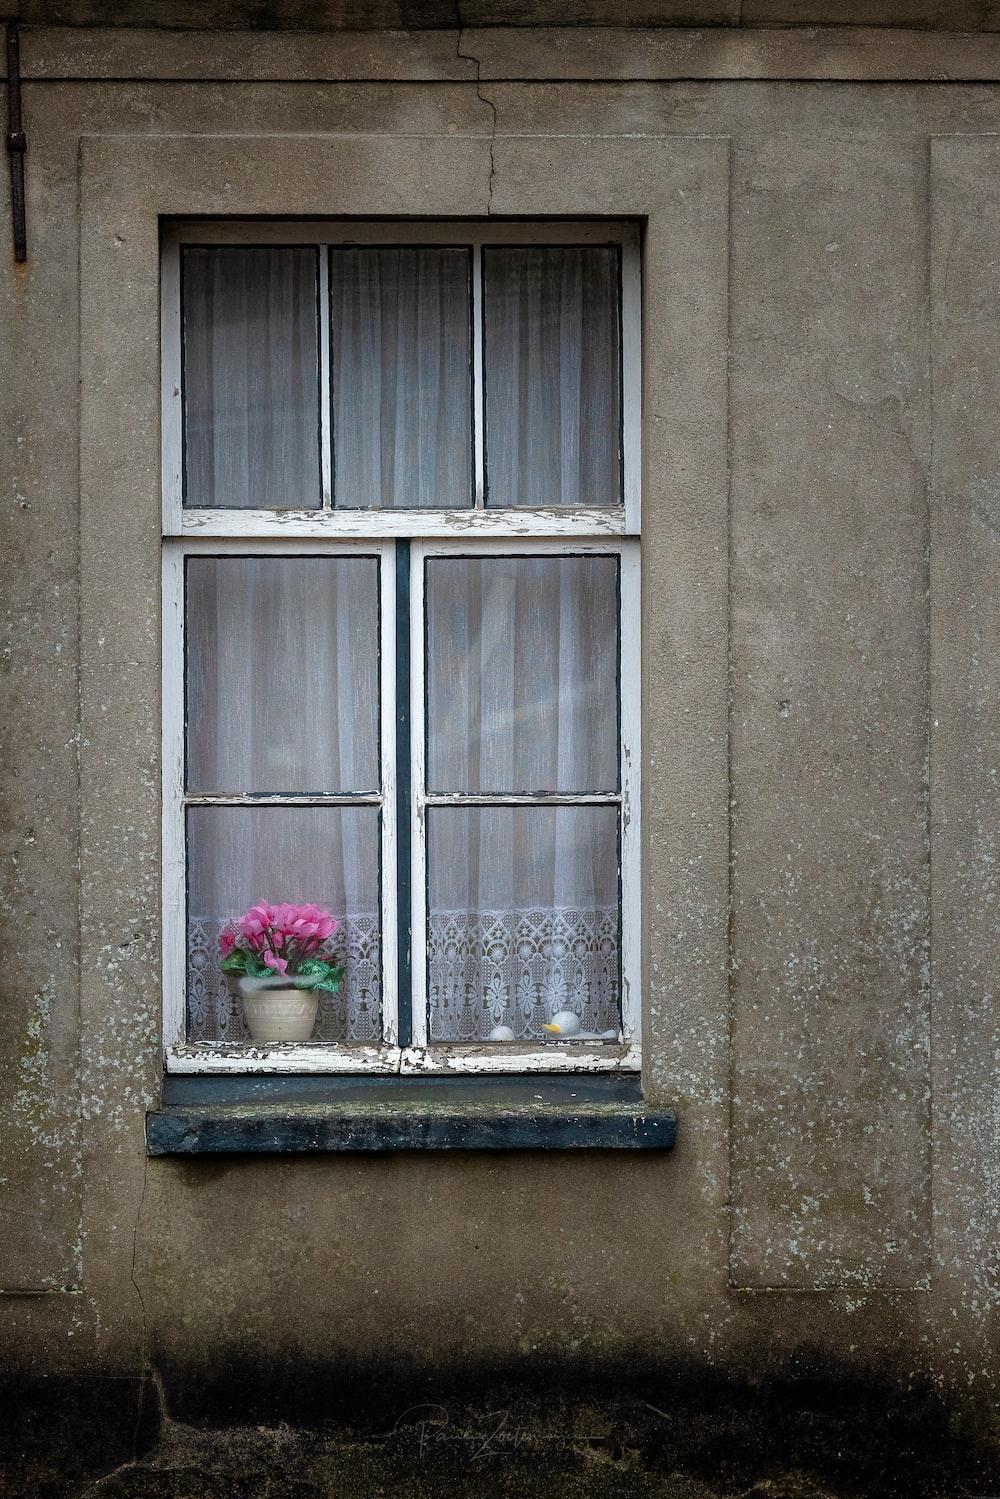 pink flowers near window